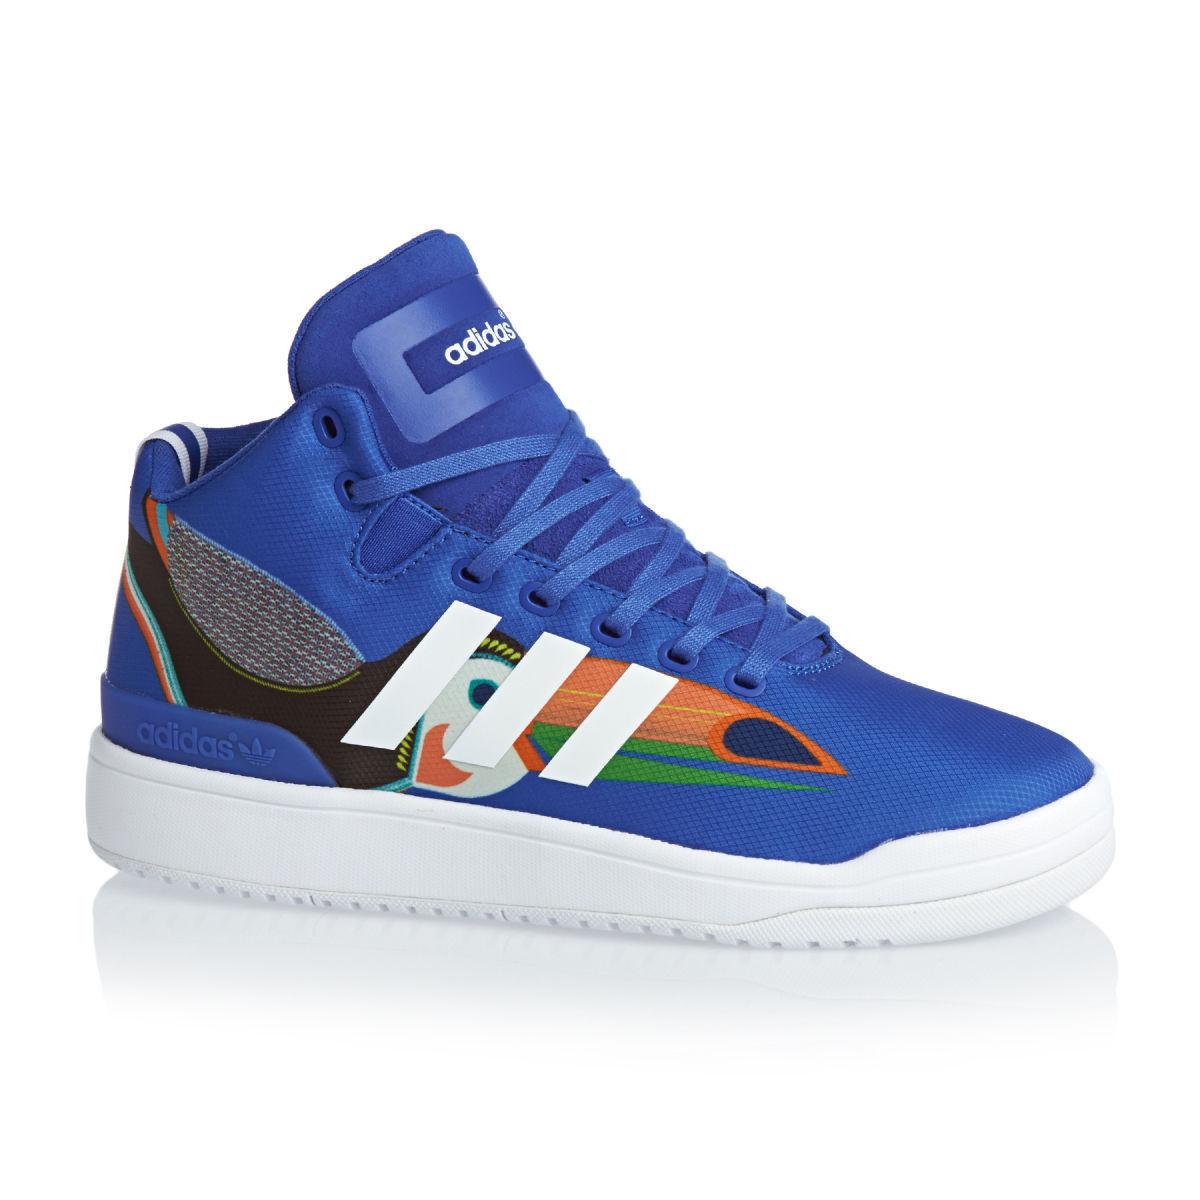 Détails sur Adidas Stan Smith W Femme Baskets Baskets BA7497 UK 6 EU 39 13 US 7.5 NEW afficher le titre d'origine